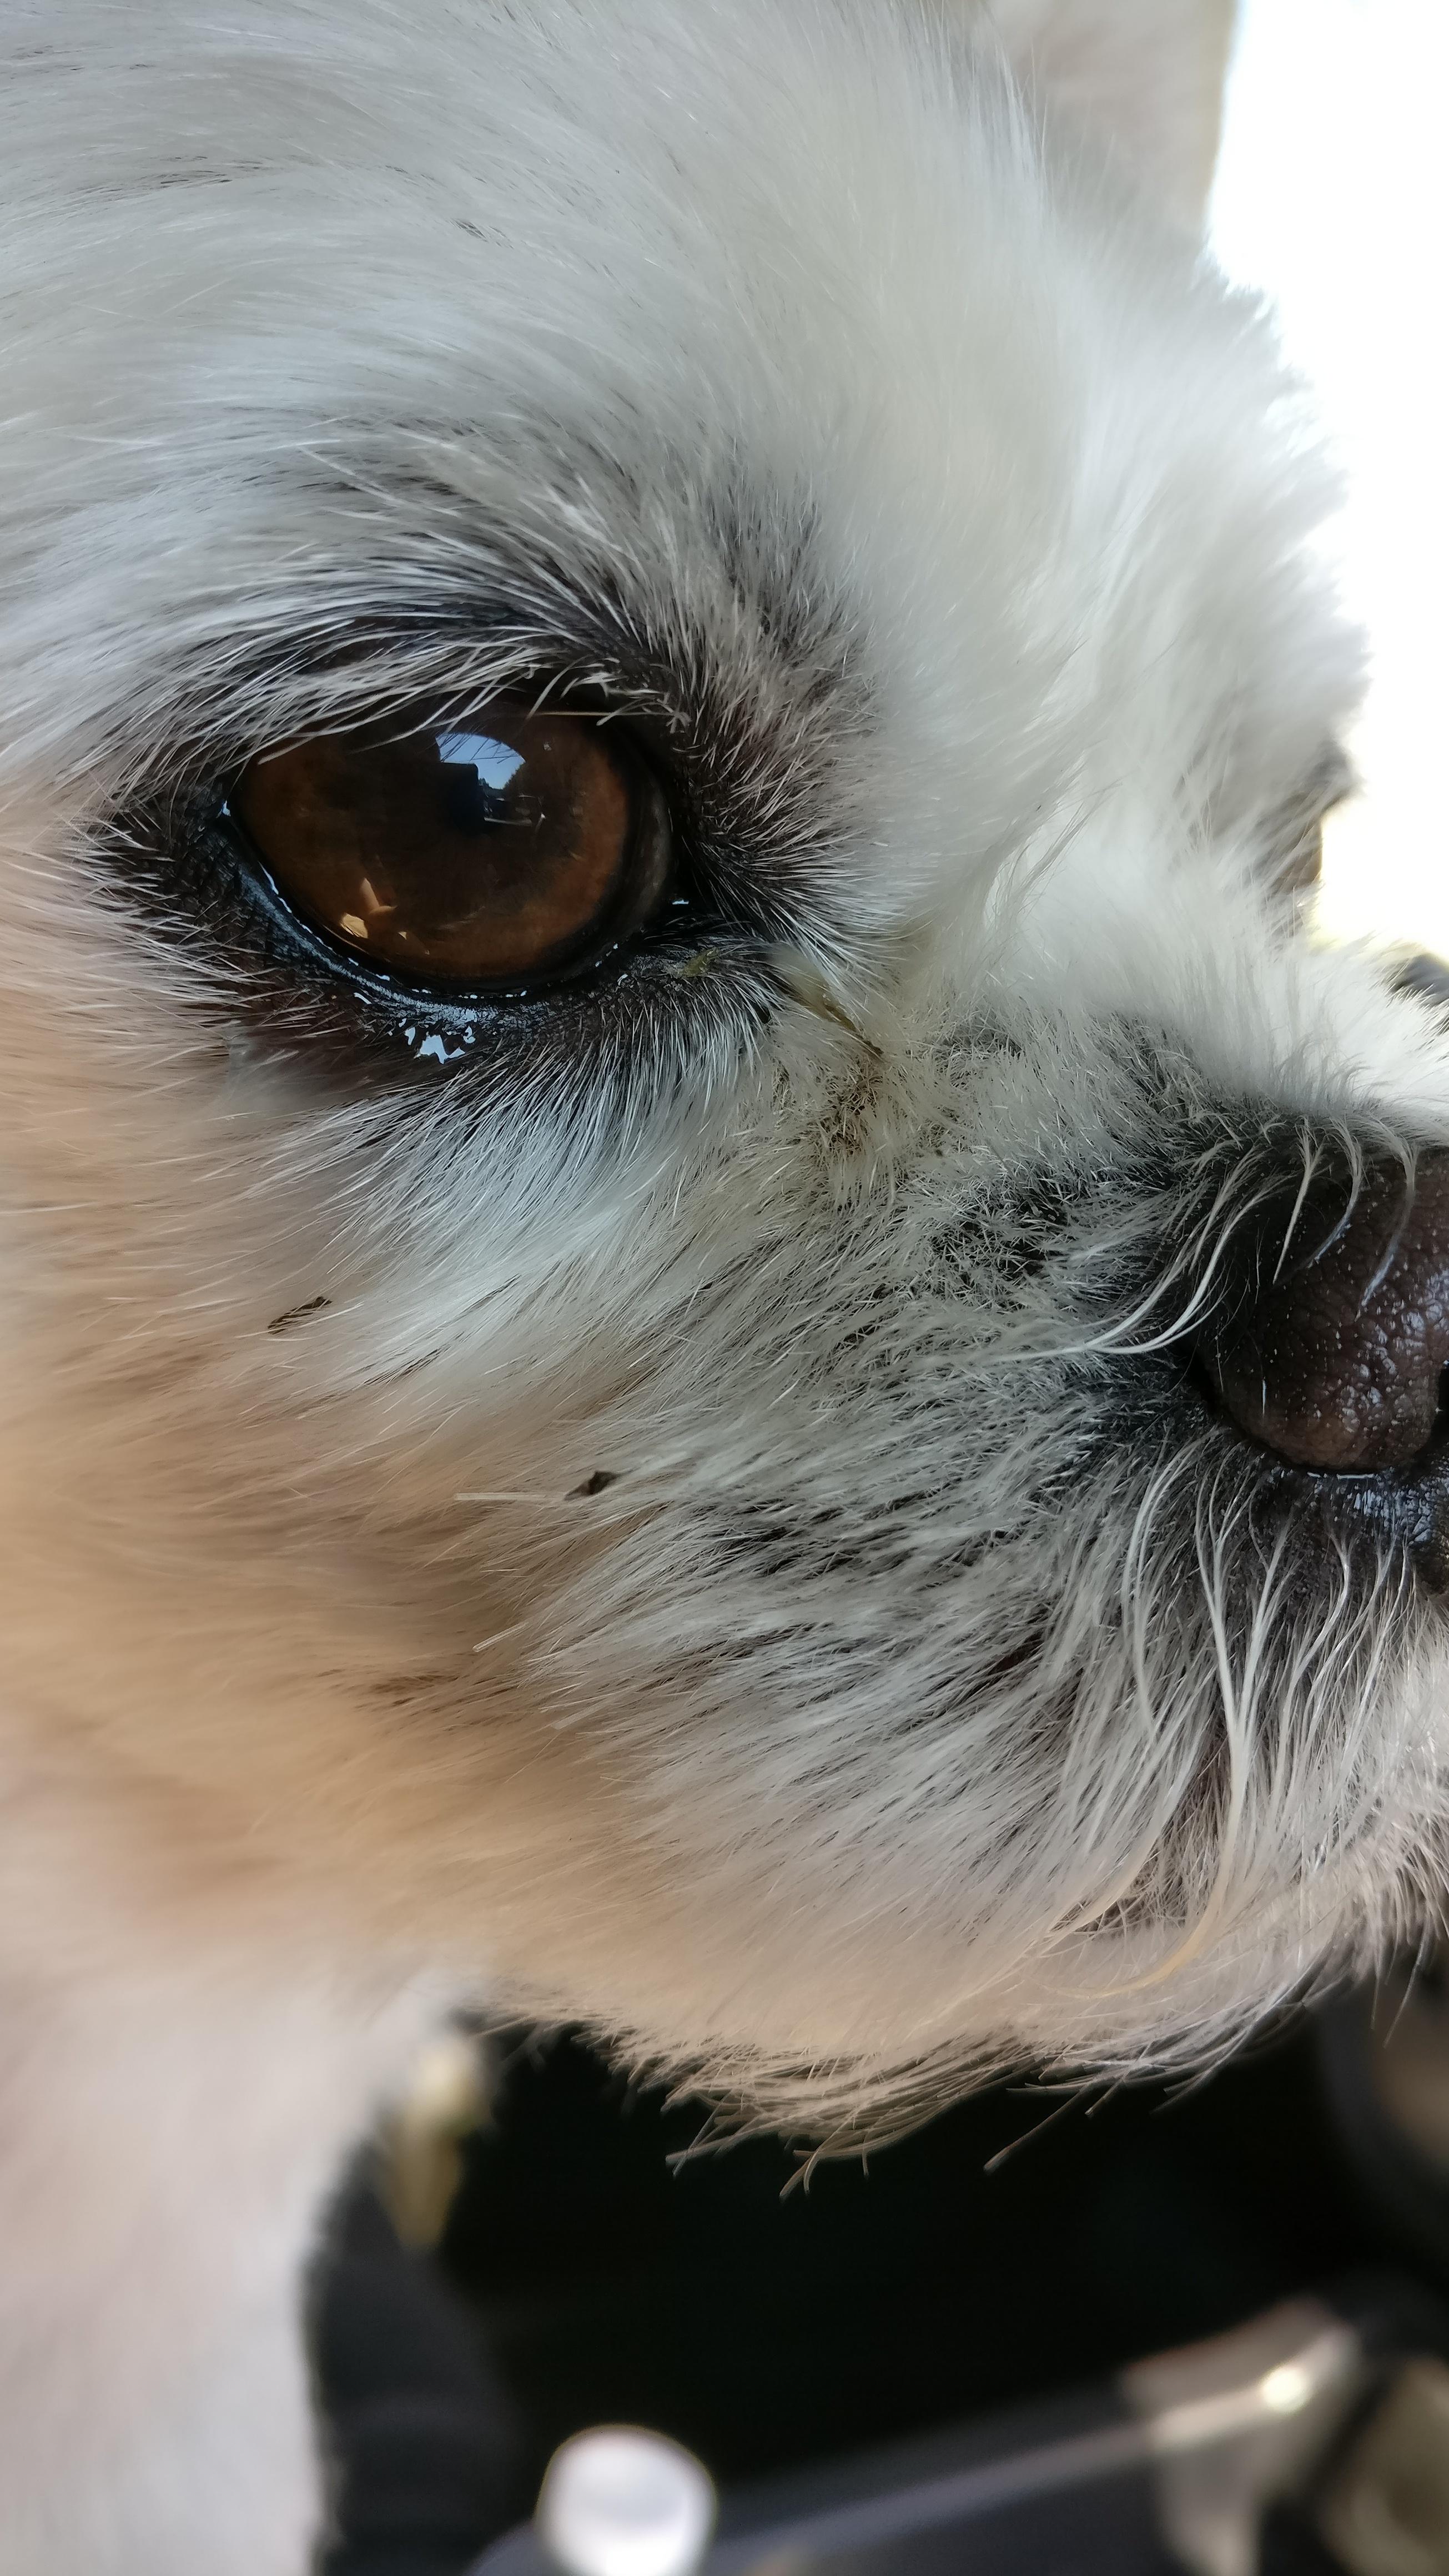 Darmowe Zdjęcia Biały Szczeniak Pies Kot ścieśniać Ludzkie